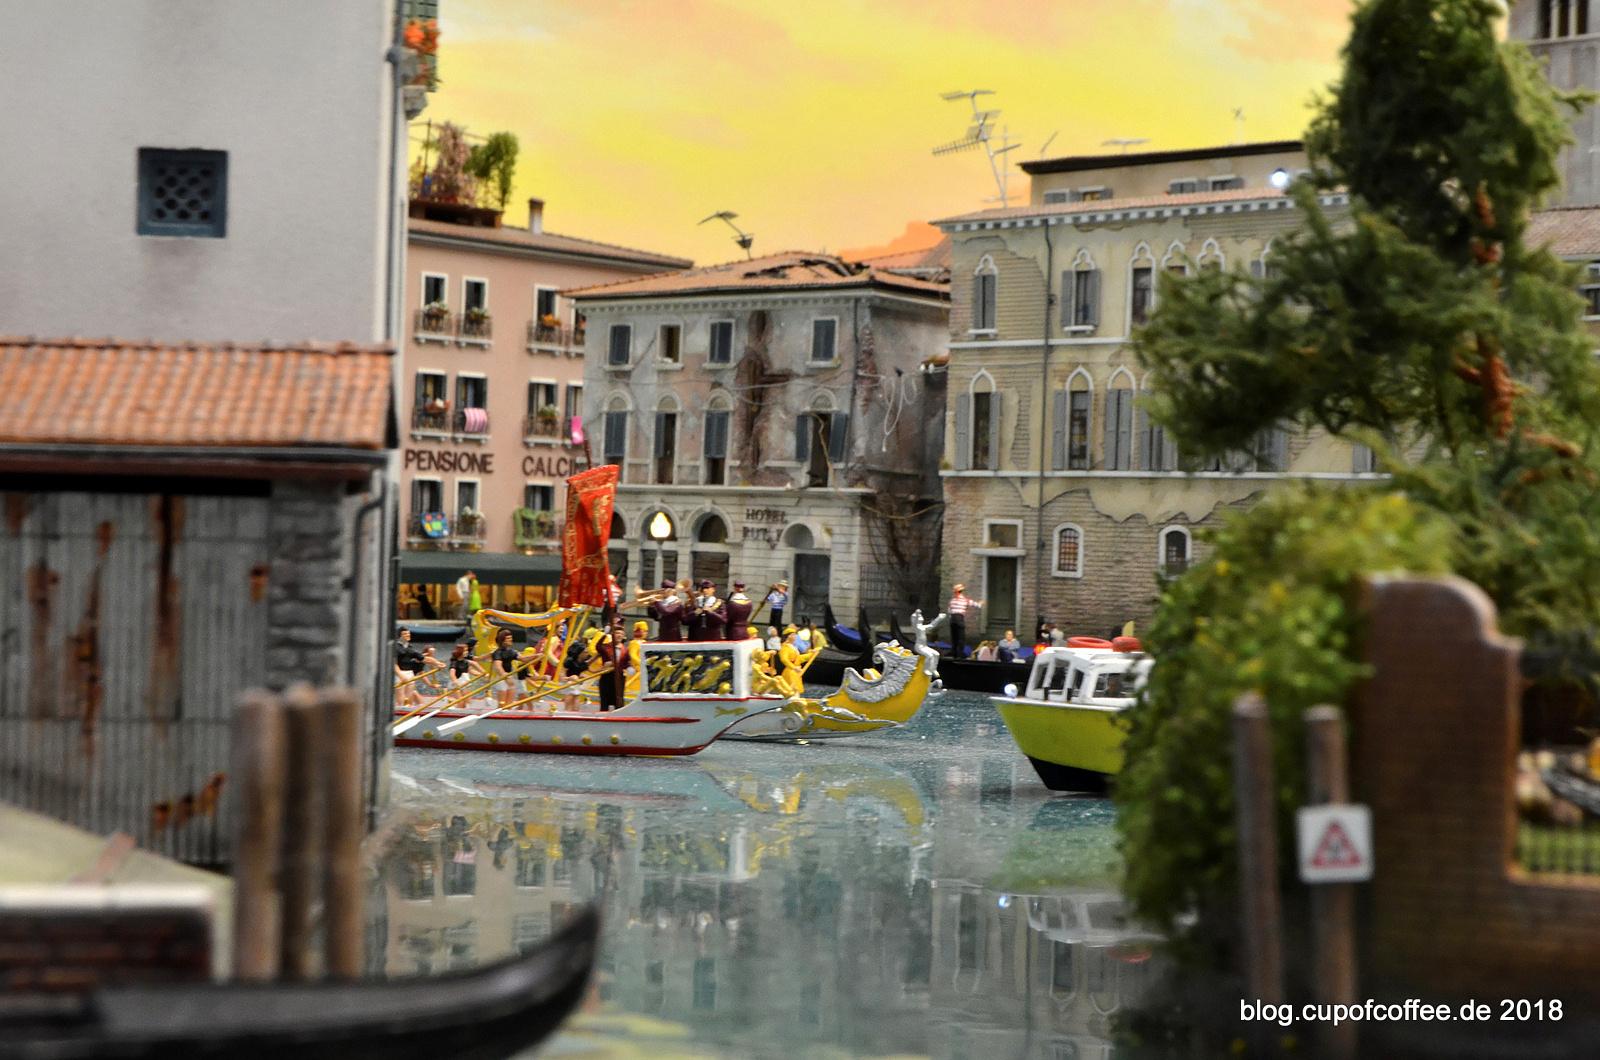 Herrliche Ein- und Ausblicke haben die Hamburger Modellbauer wieder einmal geschaffen.